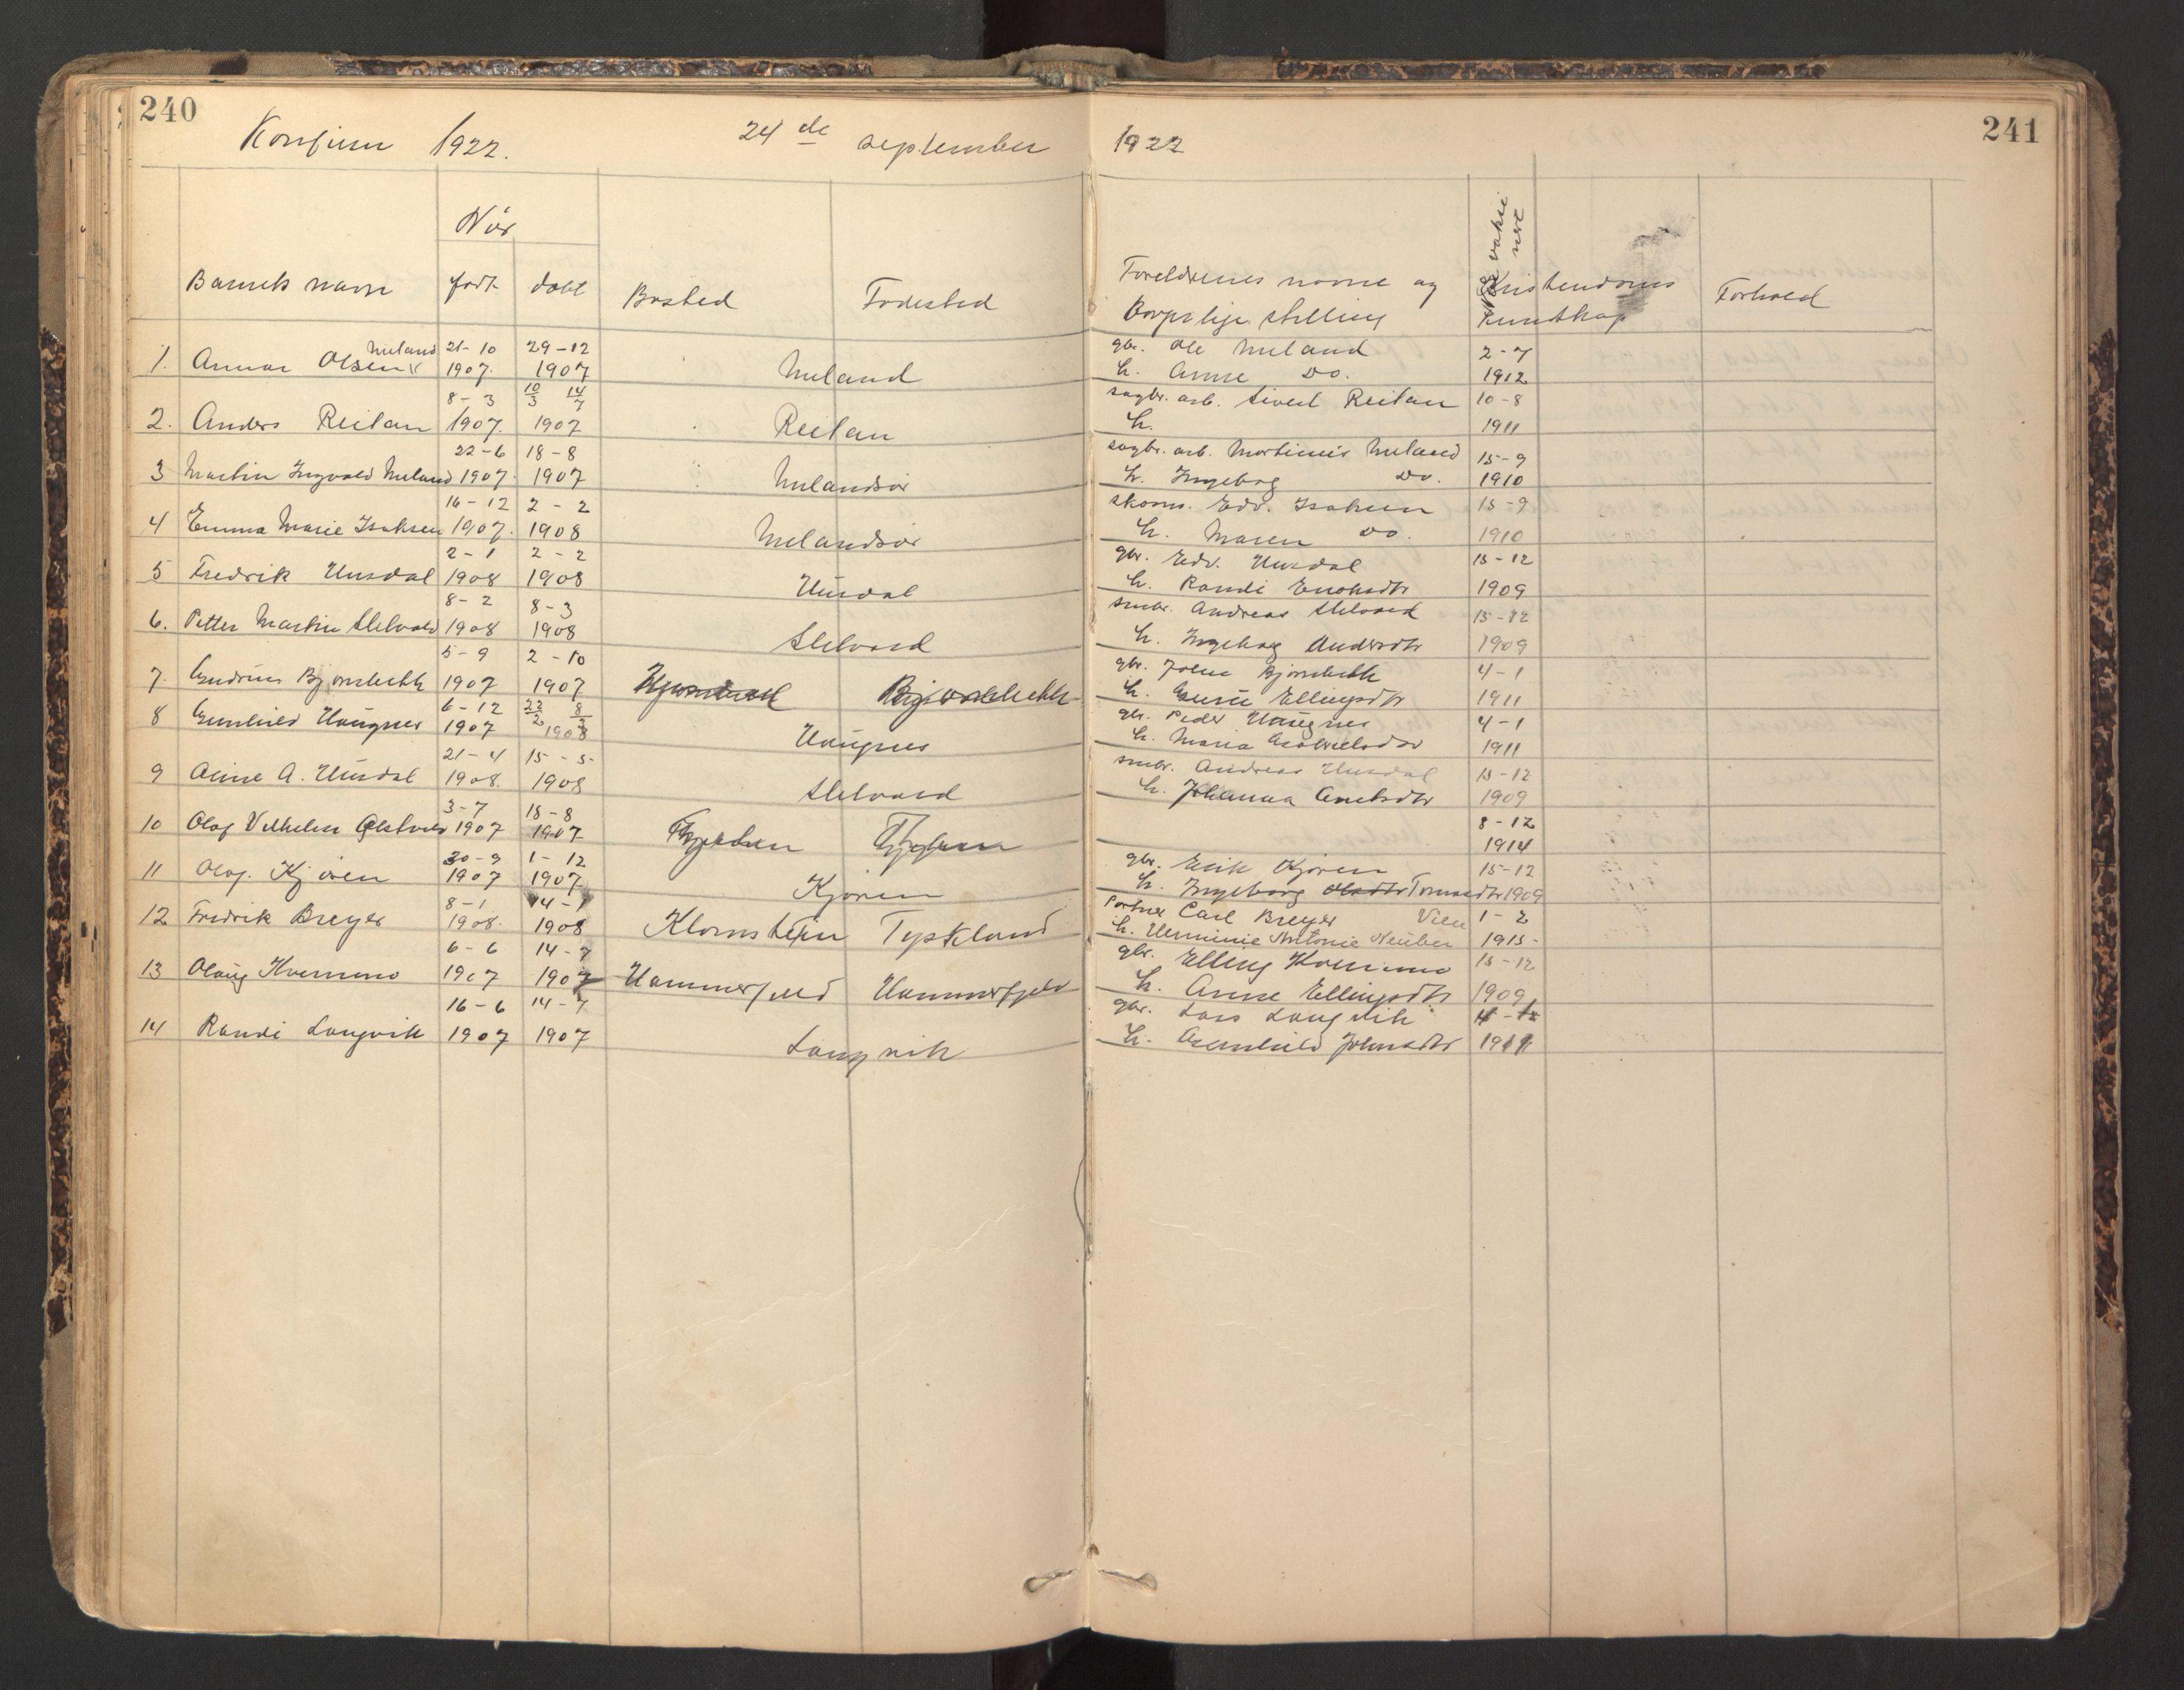 SAT, Ministerialprotokoller, klokkerbøker og fødselsregistre - Sør-Trøndelag, 670/L0837: Klokkerbok nr. 670C01, 1905-1946, s. 240-241